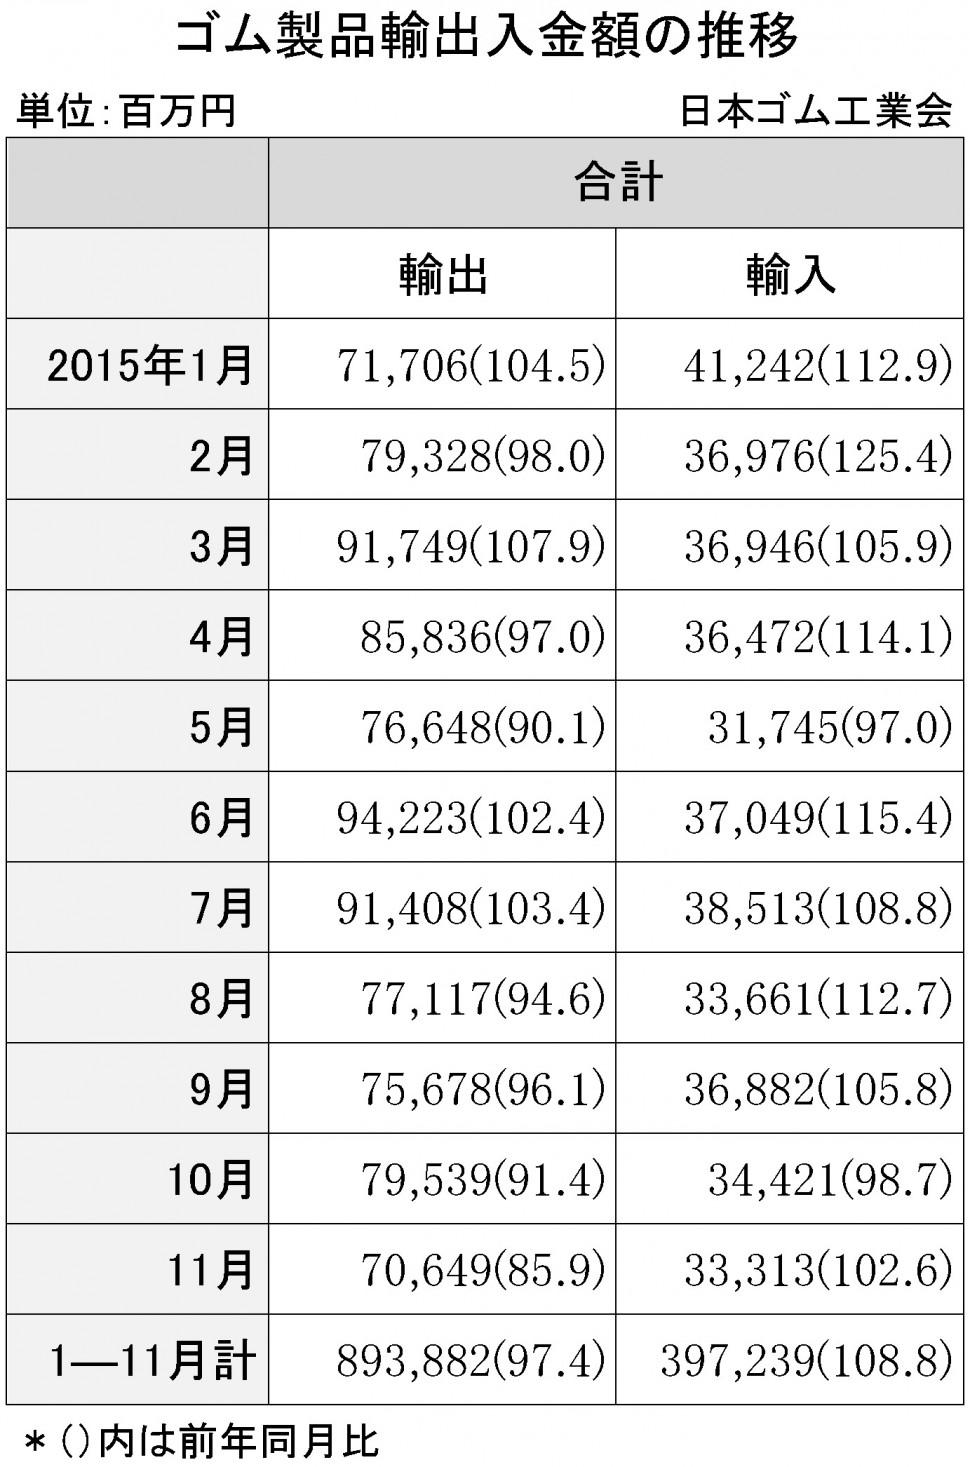 2015年11月ゴム製品輸出入金額 紙面のみ